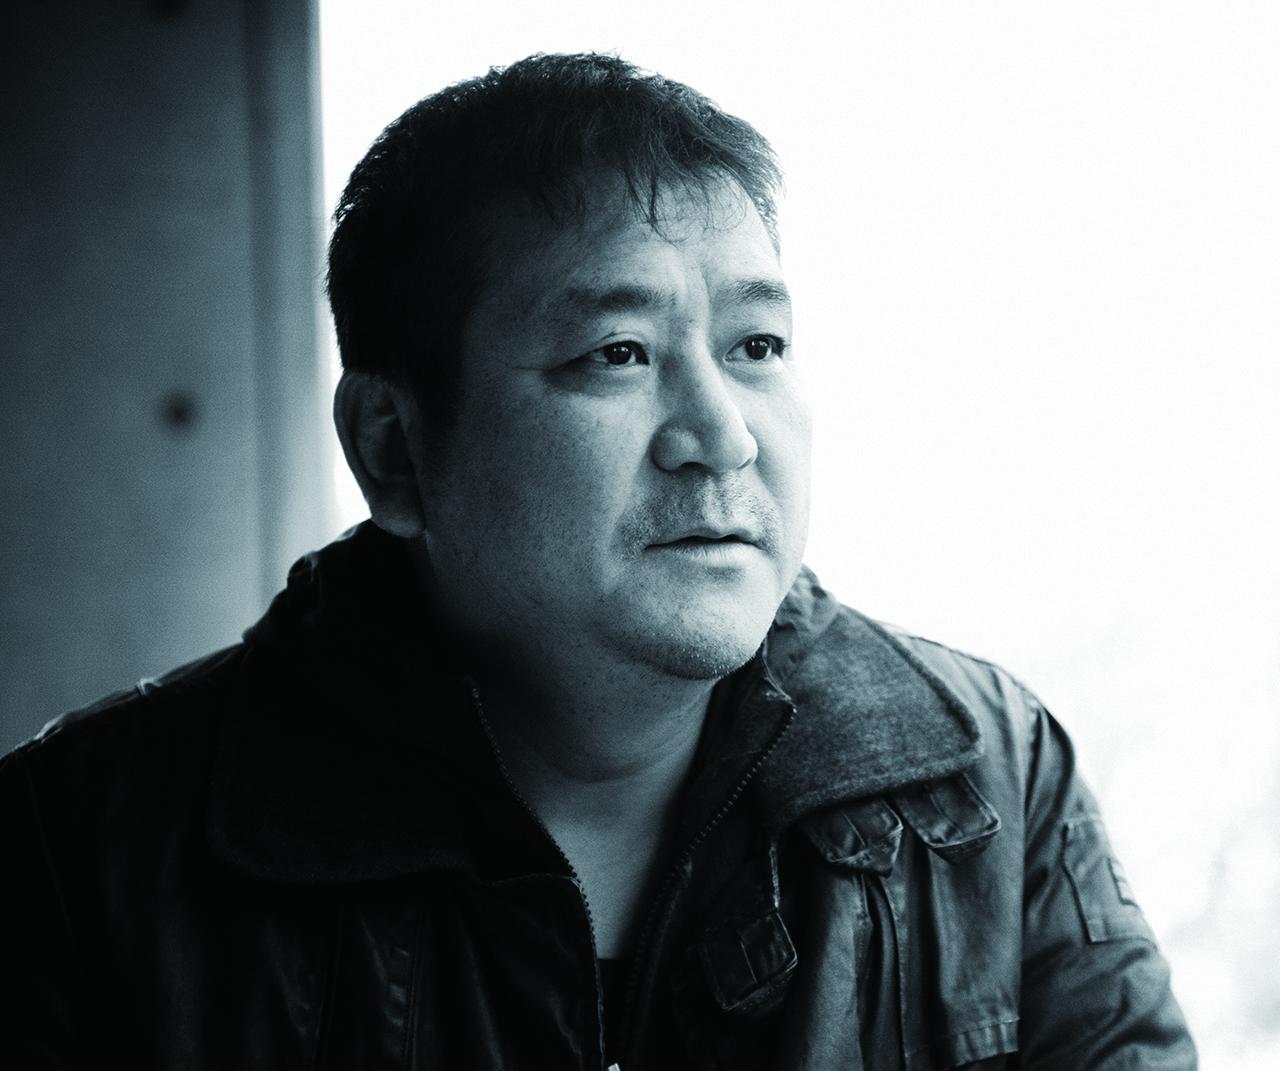 양윤호 감독